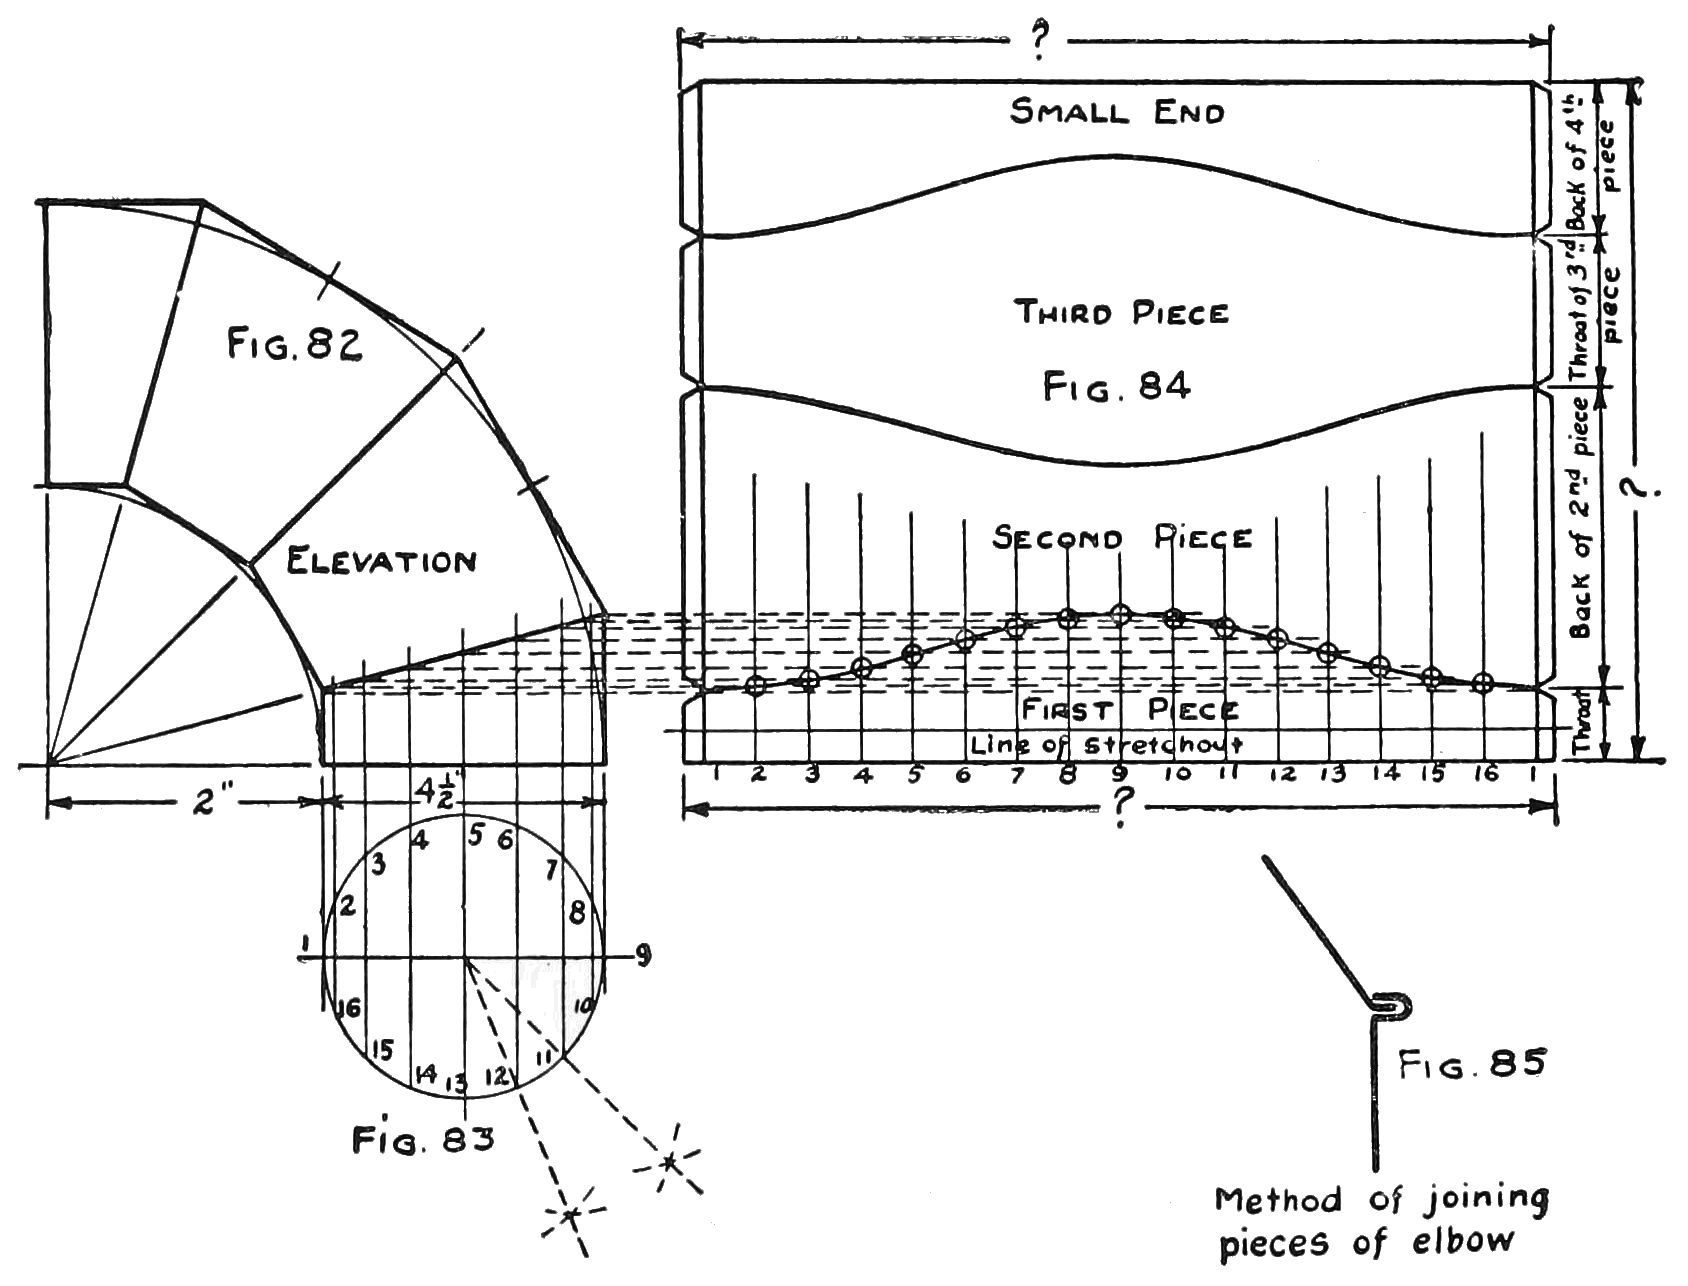 90 degree diagram wabco abs kabel page sheet metal drafting djvu 70 wikisource the free